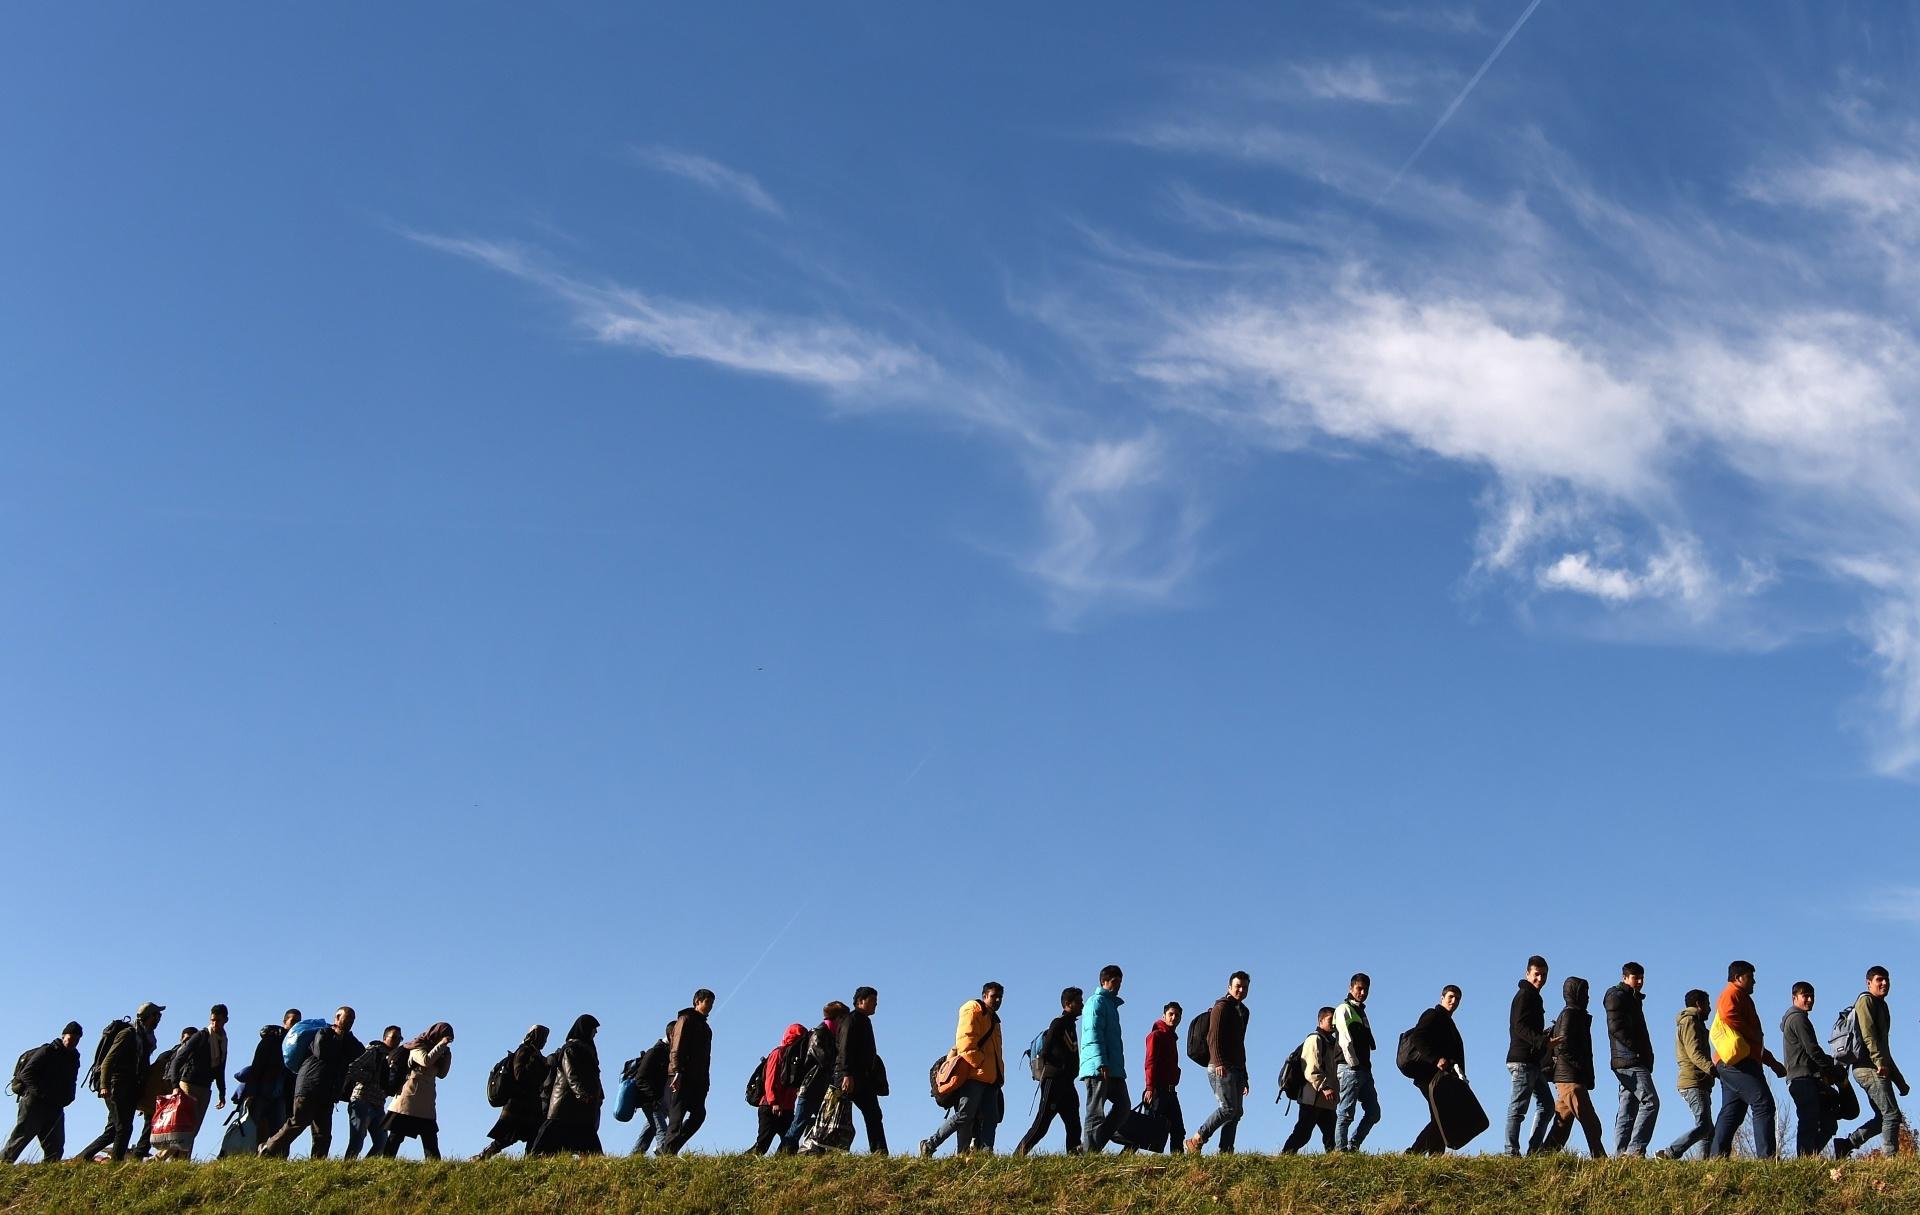 2.nov.2015 - Imigrantes caminham em direção ao primeiro posto de registro da Polícia Federal da Alemanha depois de cruzar a fronteira com a Áustria, no vilarejo de Simbach